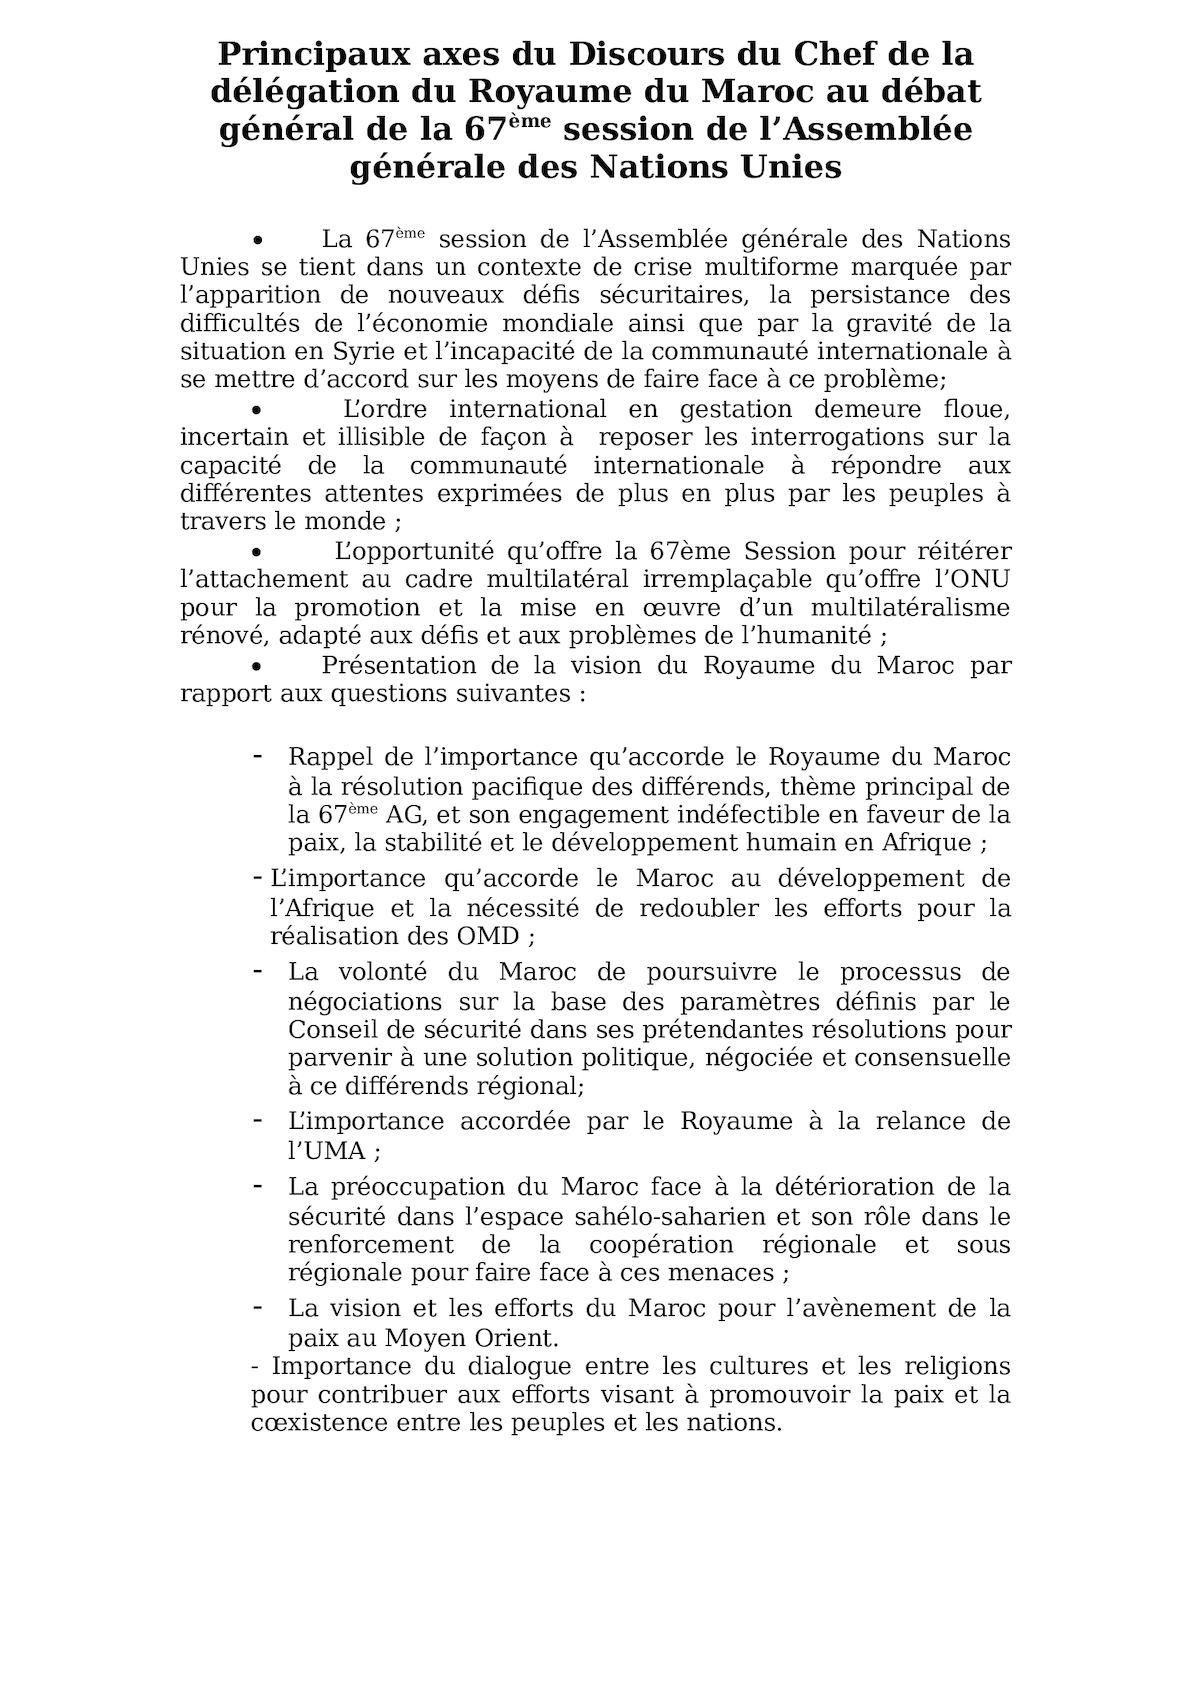 Principaux Axes Du Discours De La 67 AG